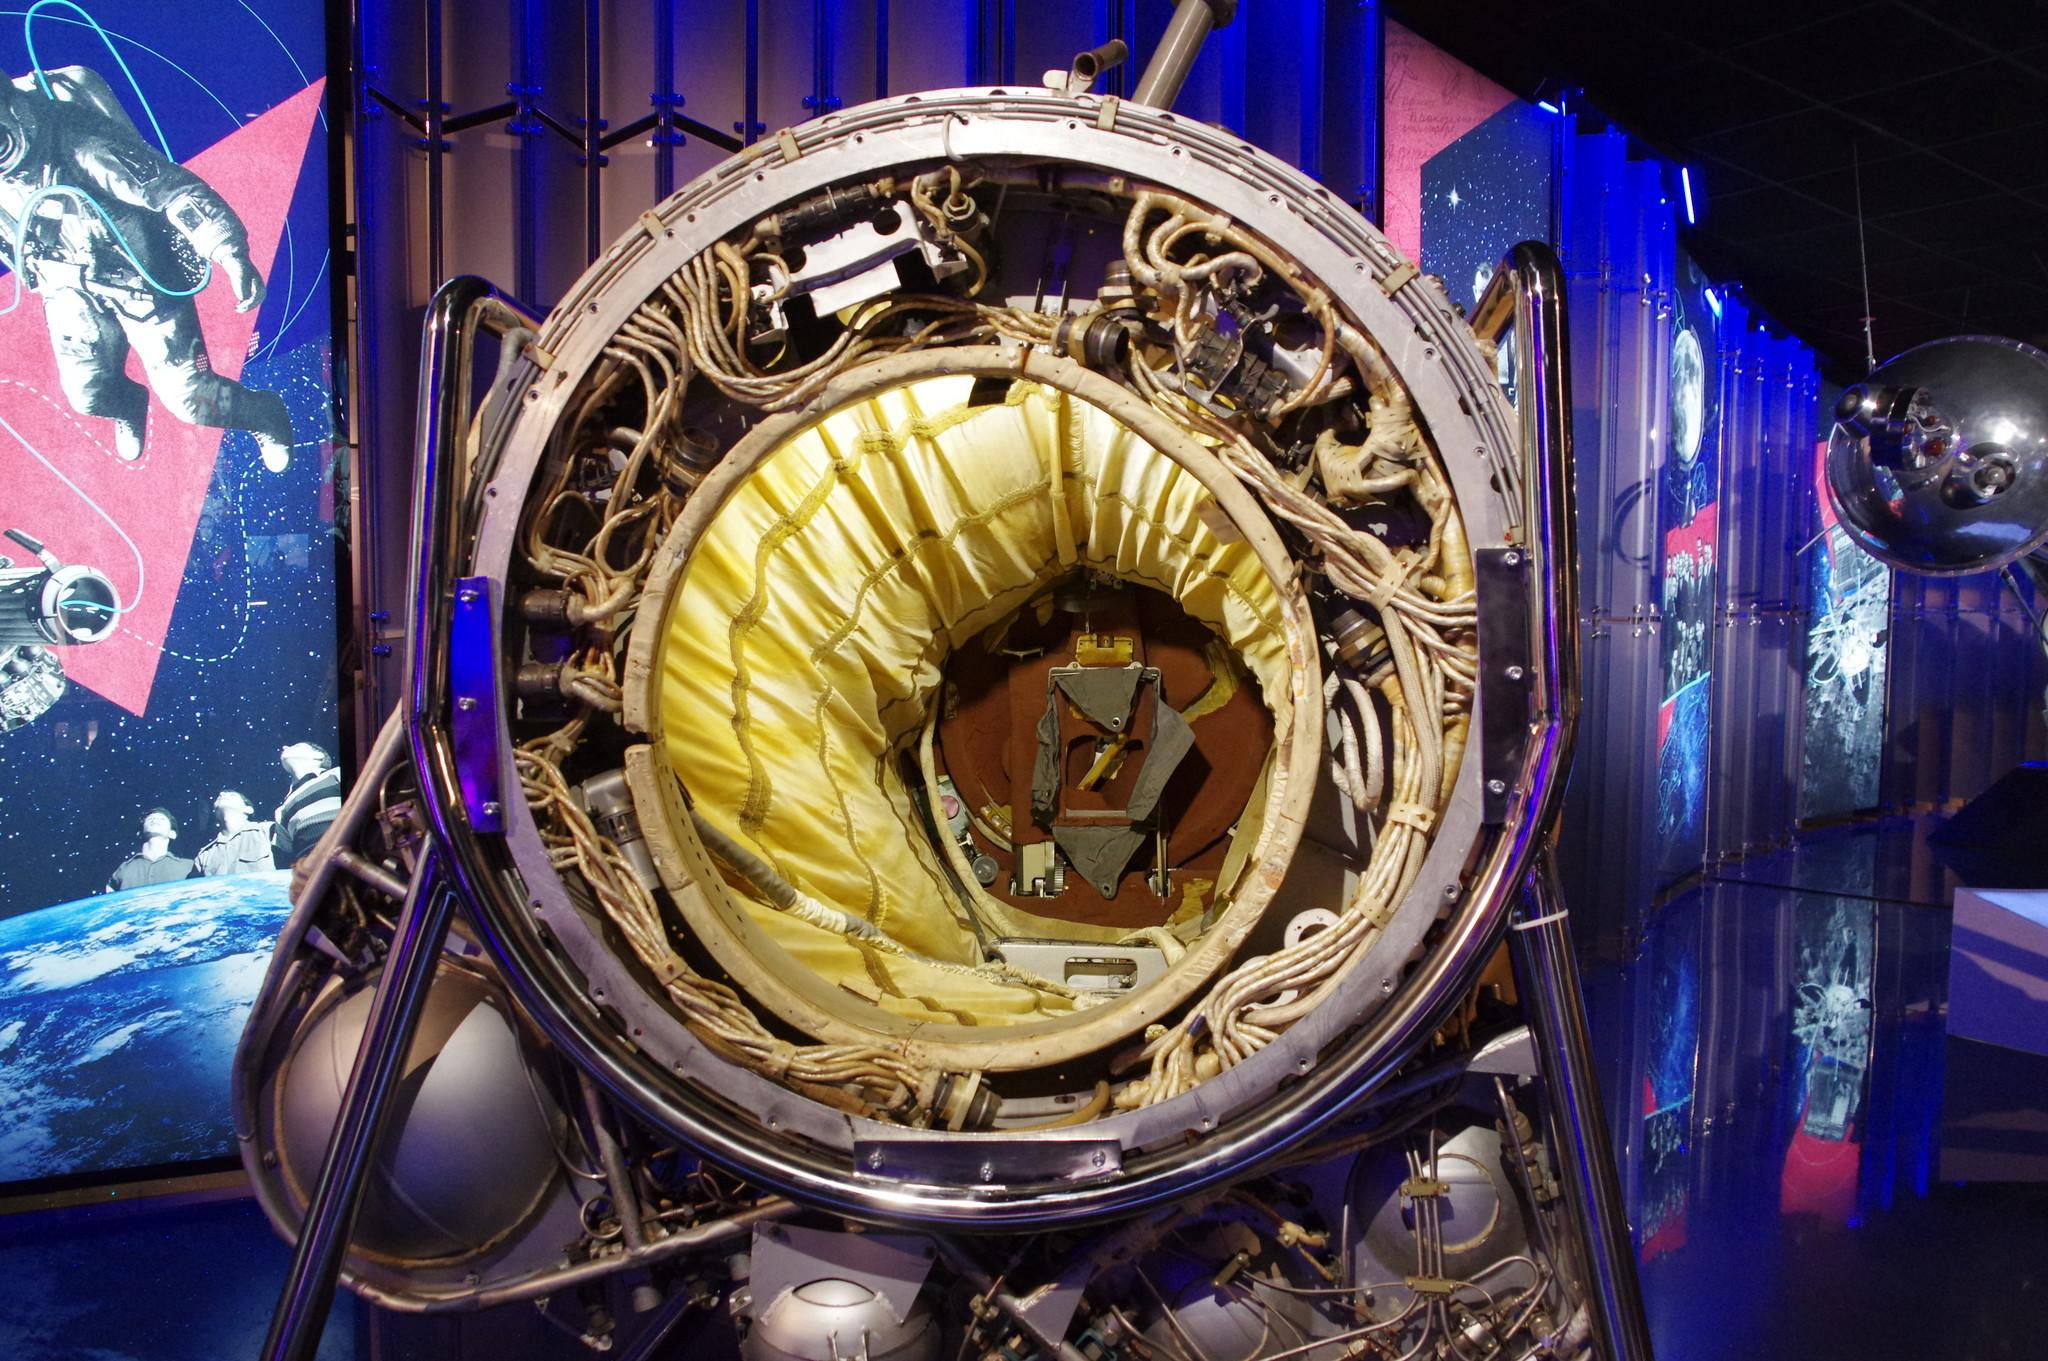 Шлюзовая камера космического корабля «Восход-2» в Музее Космонавтики